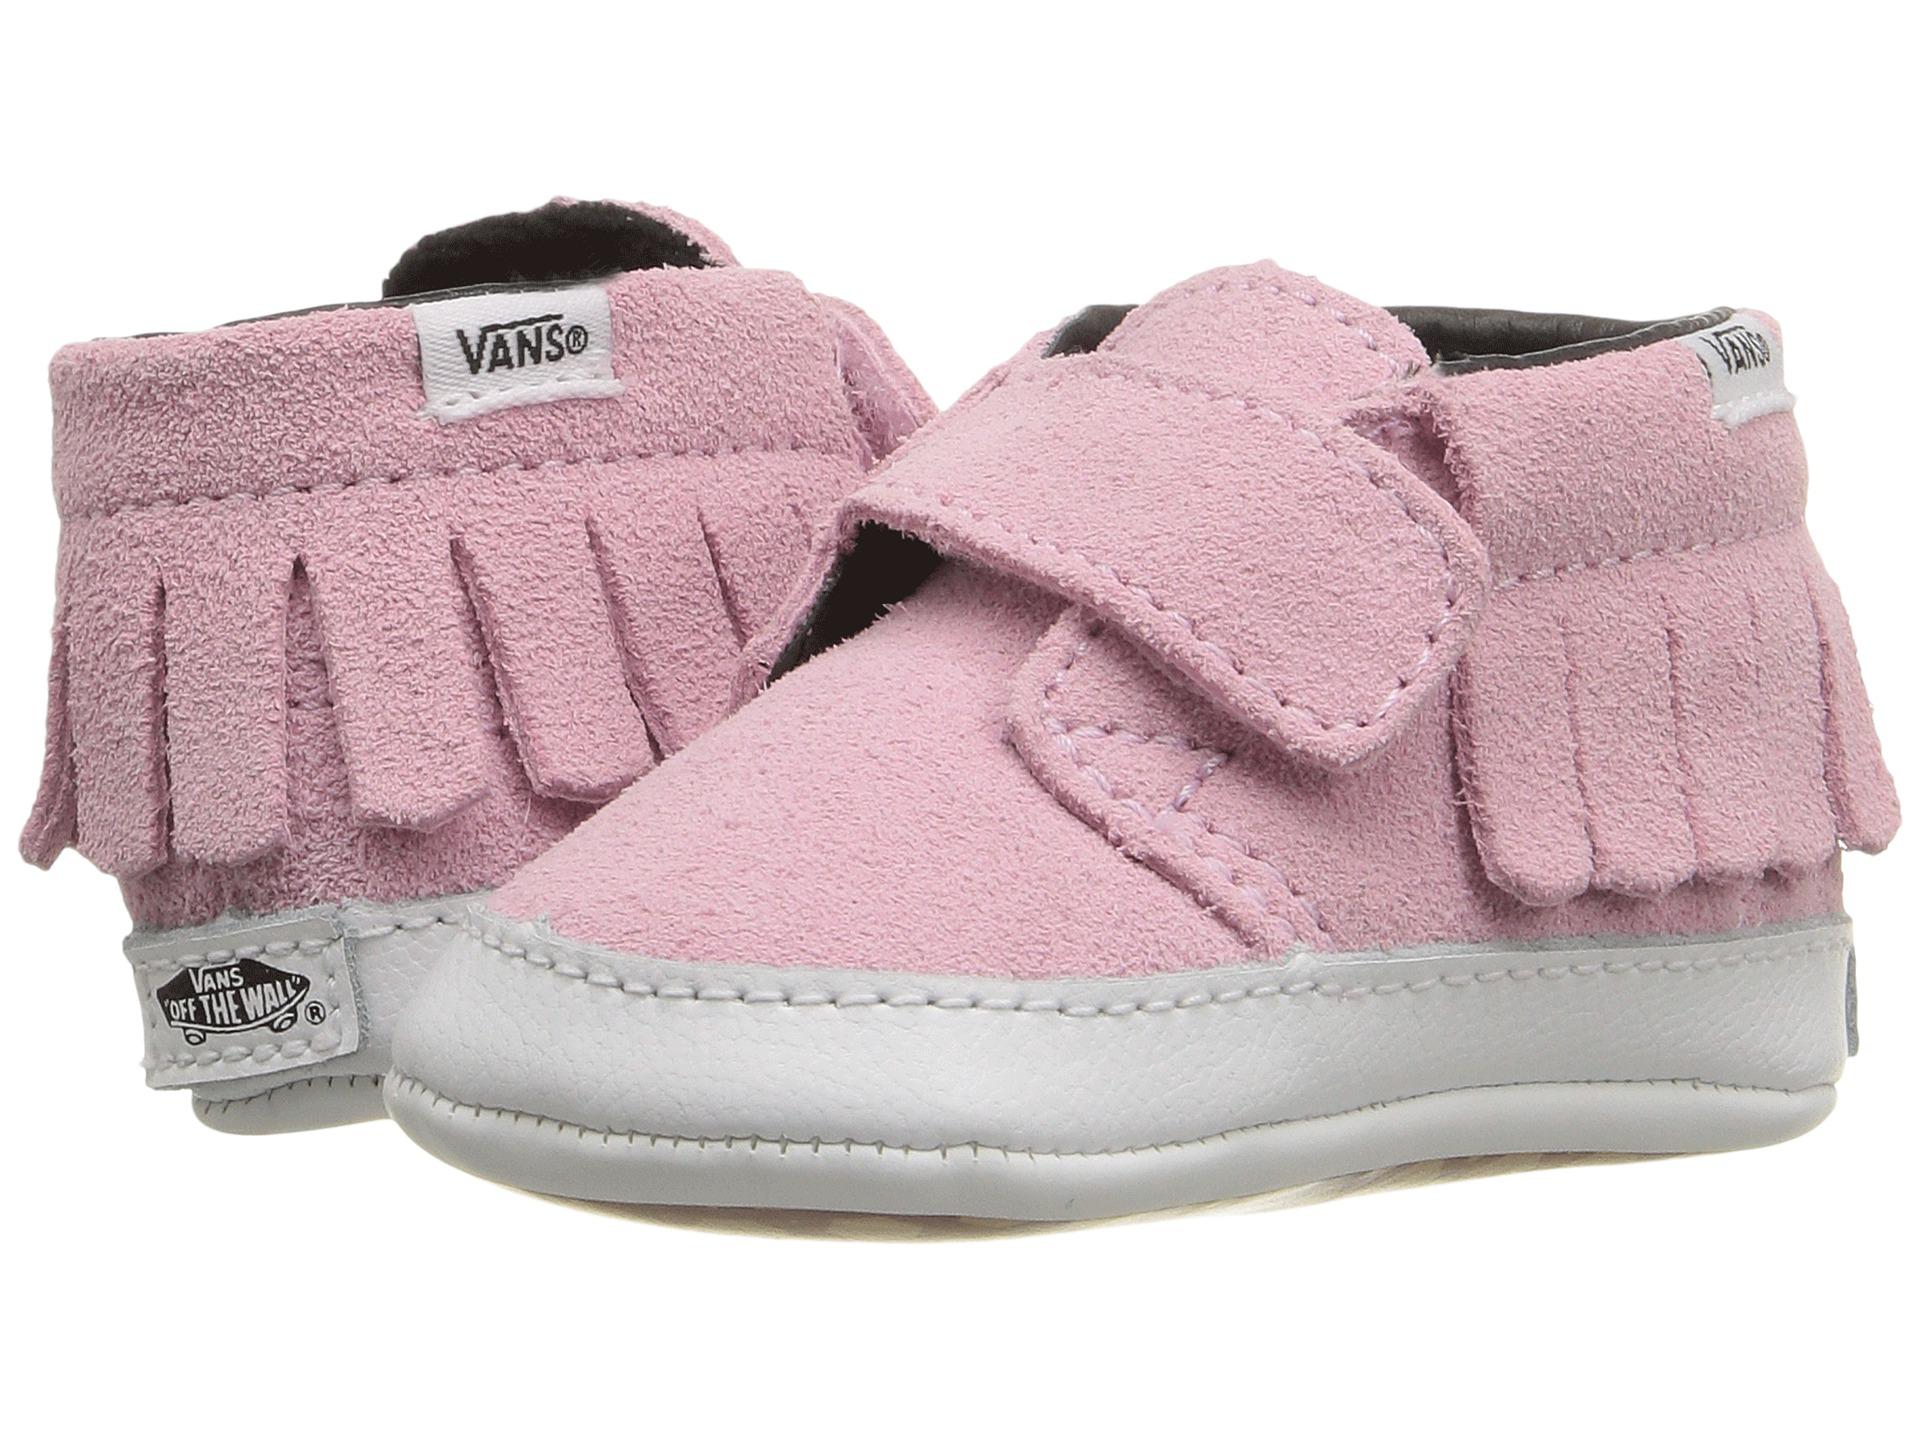 9334f903d18876 Vans Kids Chukka V Moc Crib (Infant Toddler) (Suede) Pink Mist on ...